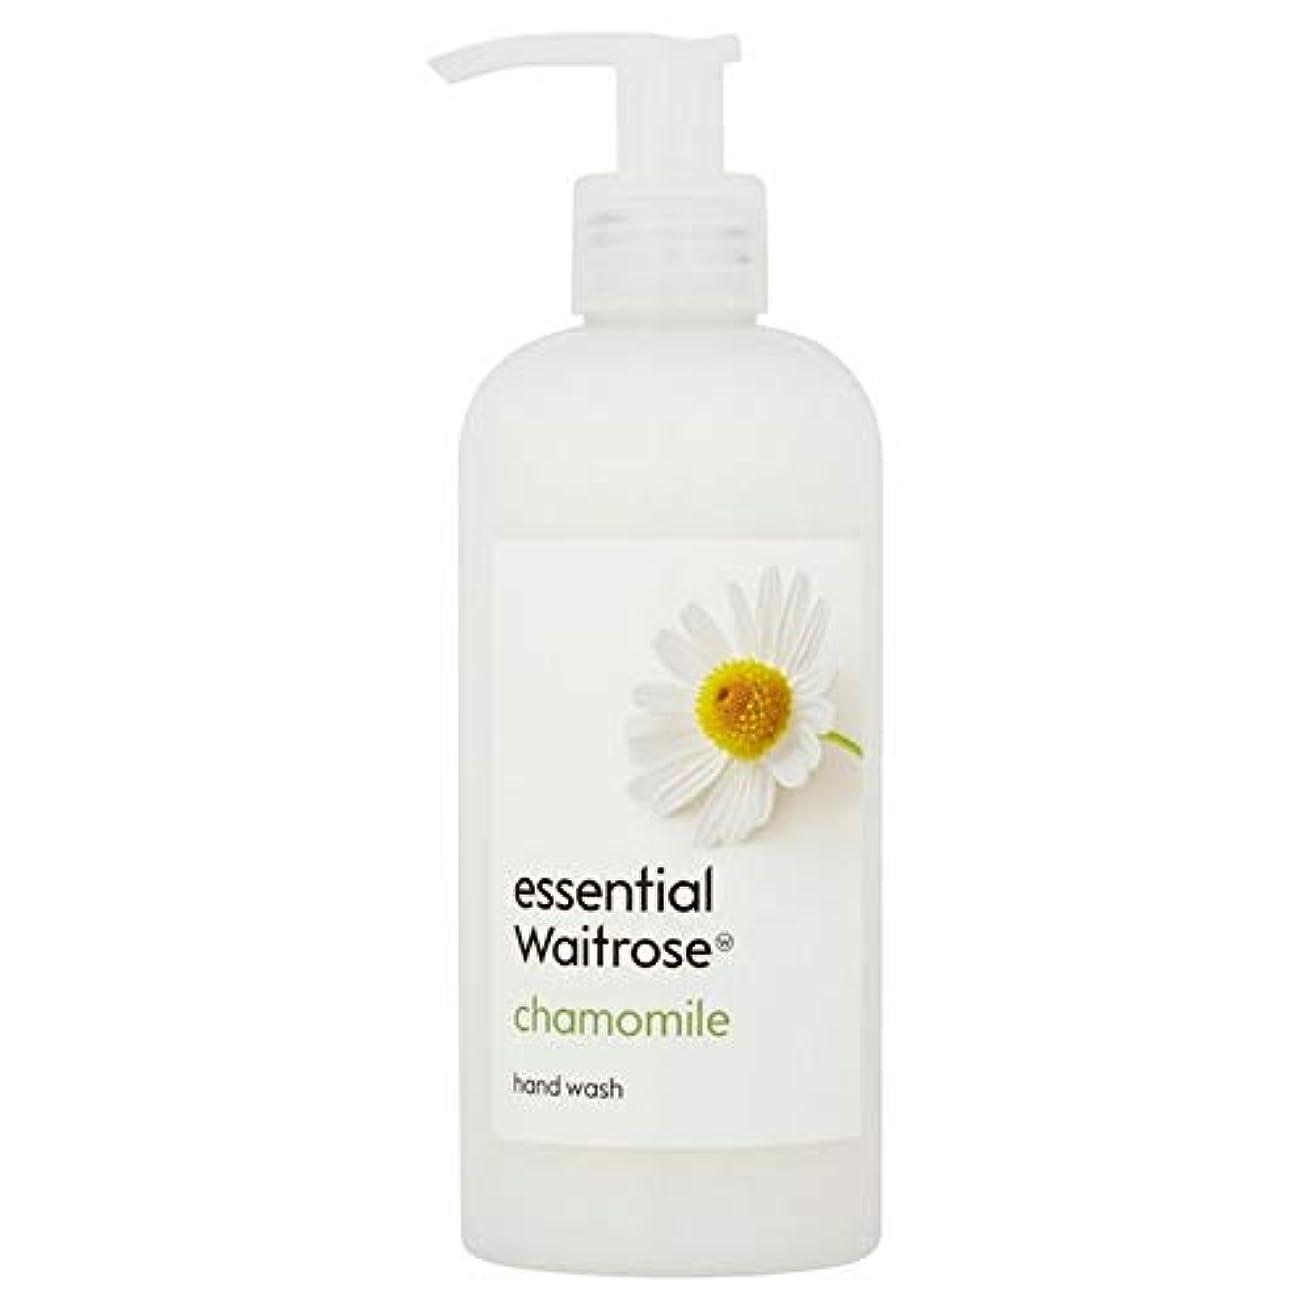 ガイダンス湖データ[Waitrose ] 基本的なウェイトローズのハンドウォッシュカモミール300ミリリットル - Essential Waitrose Hand Wash Chamomile 300ml [並行輸入品]